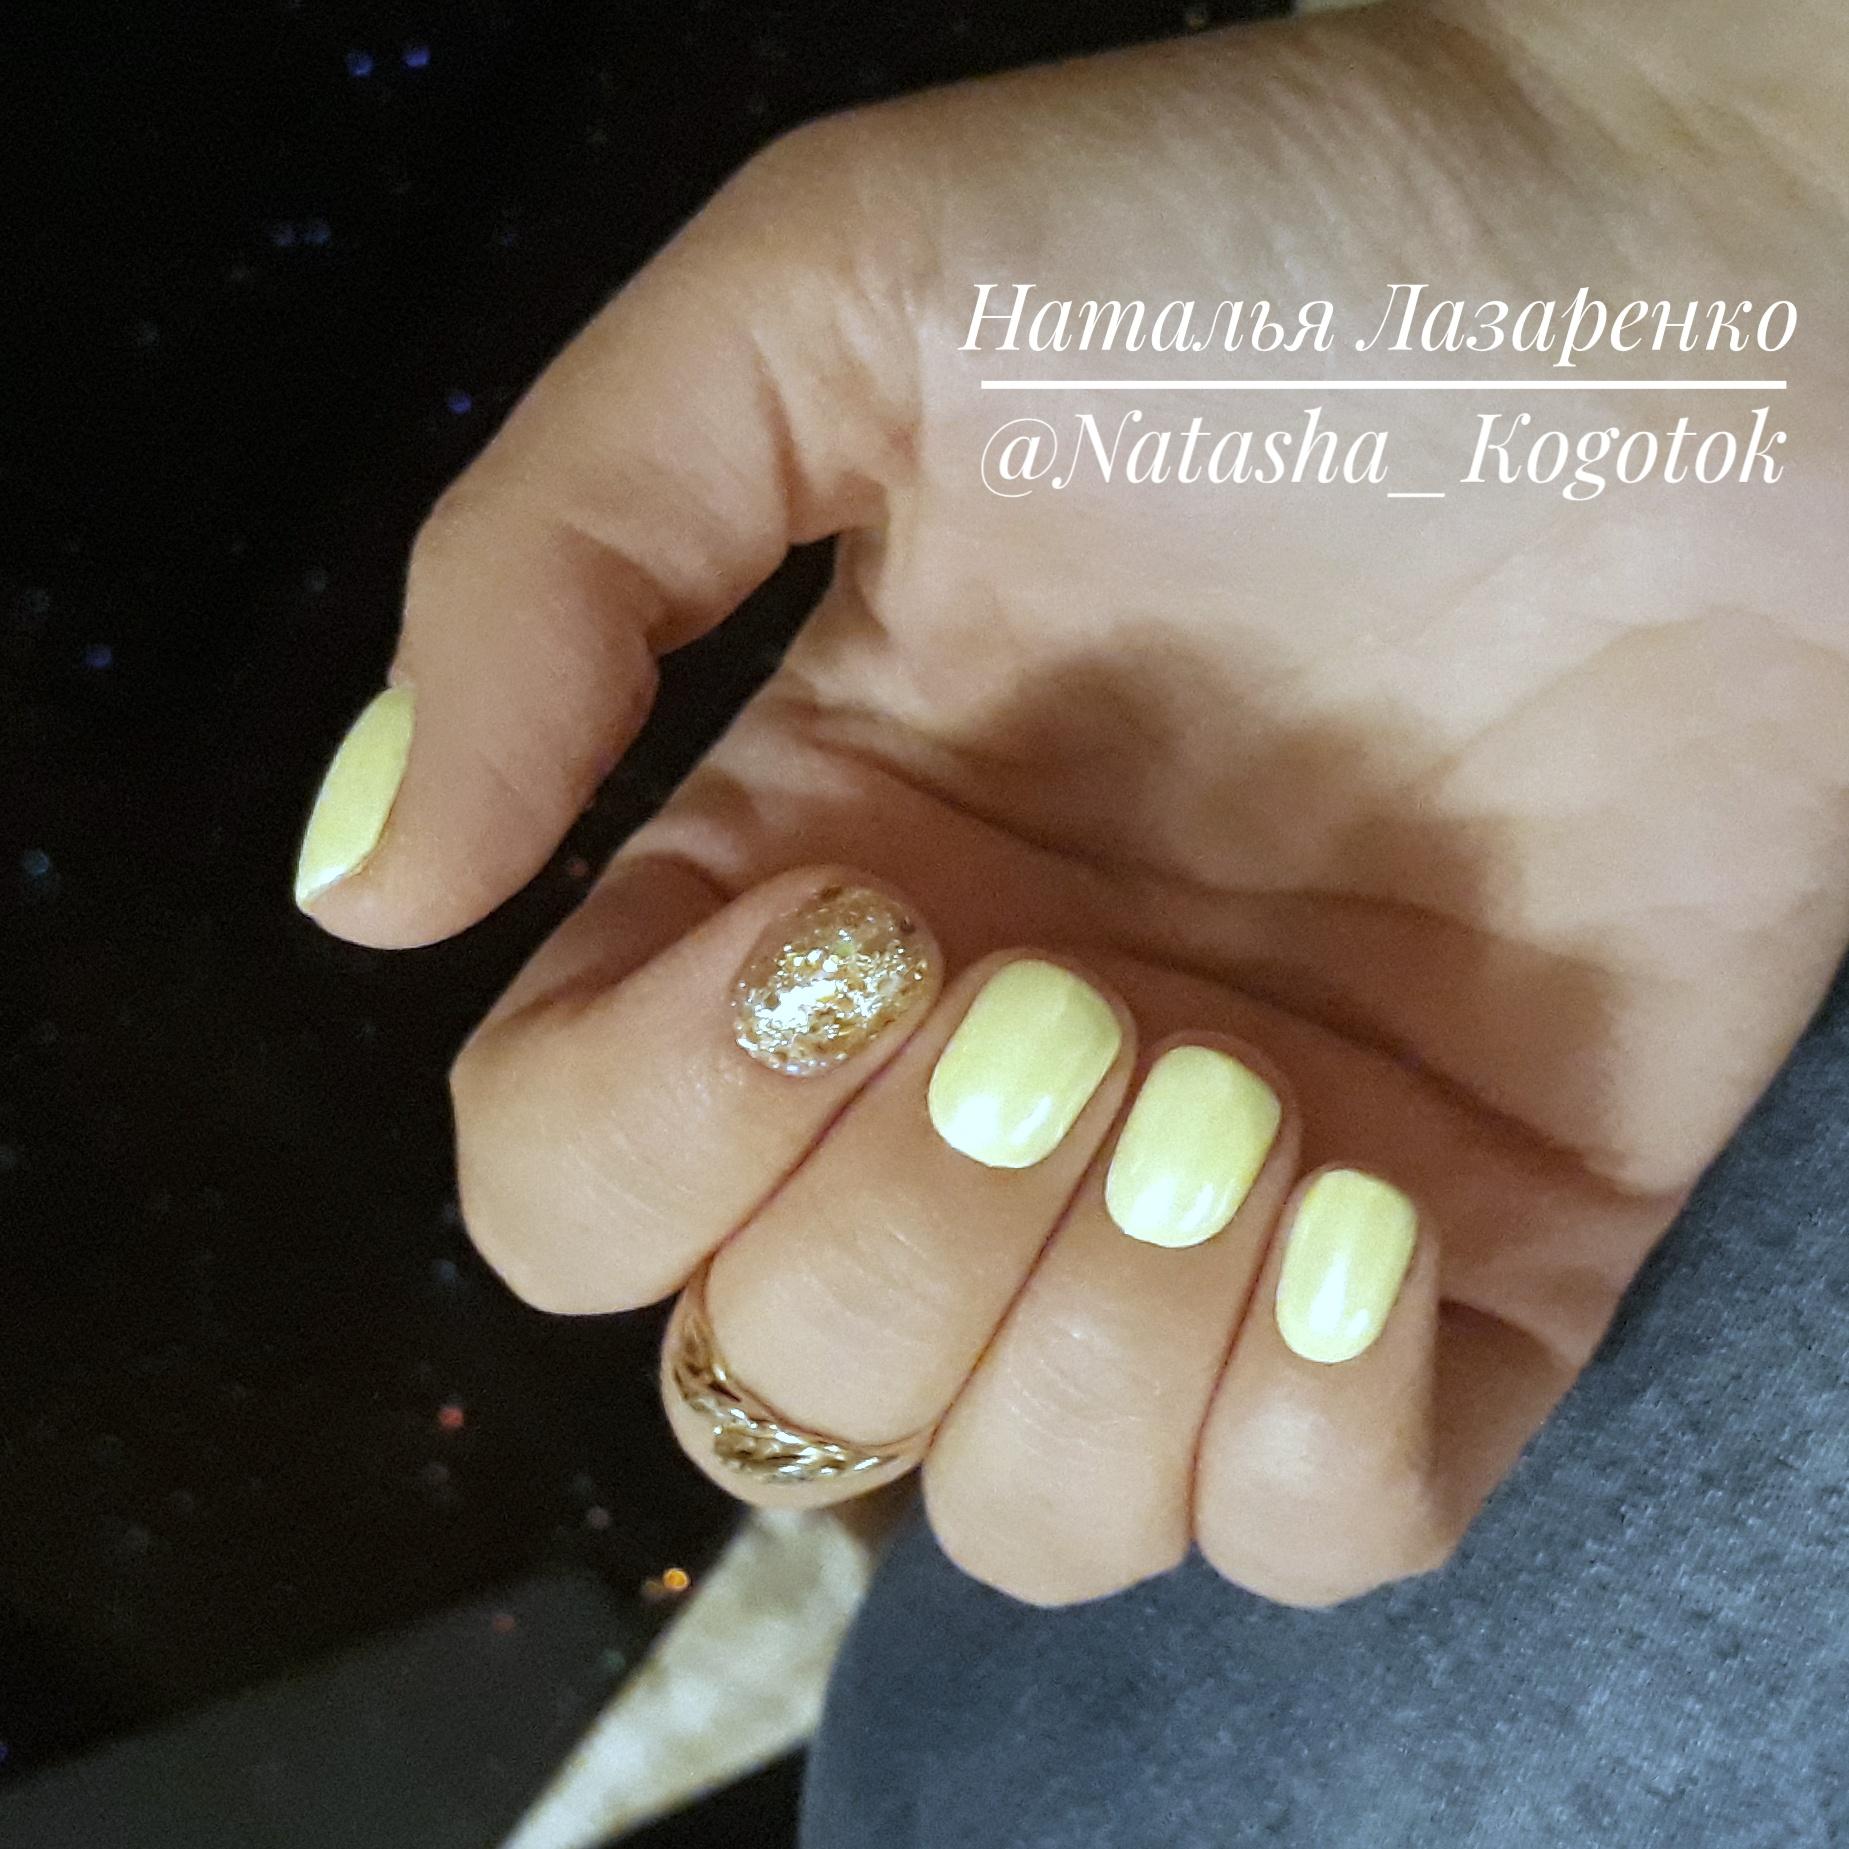 Маникюр с золотыми блестками в желтом цвете на короткие ногти.